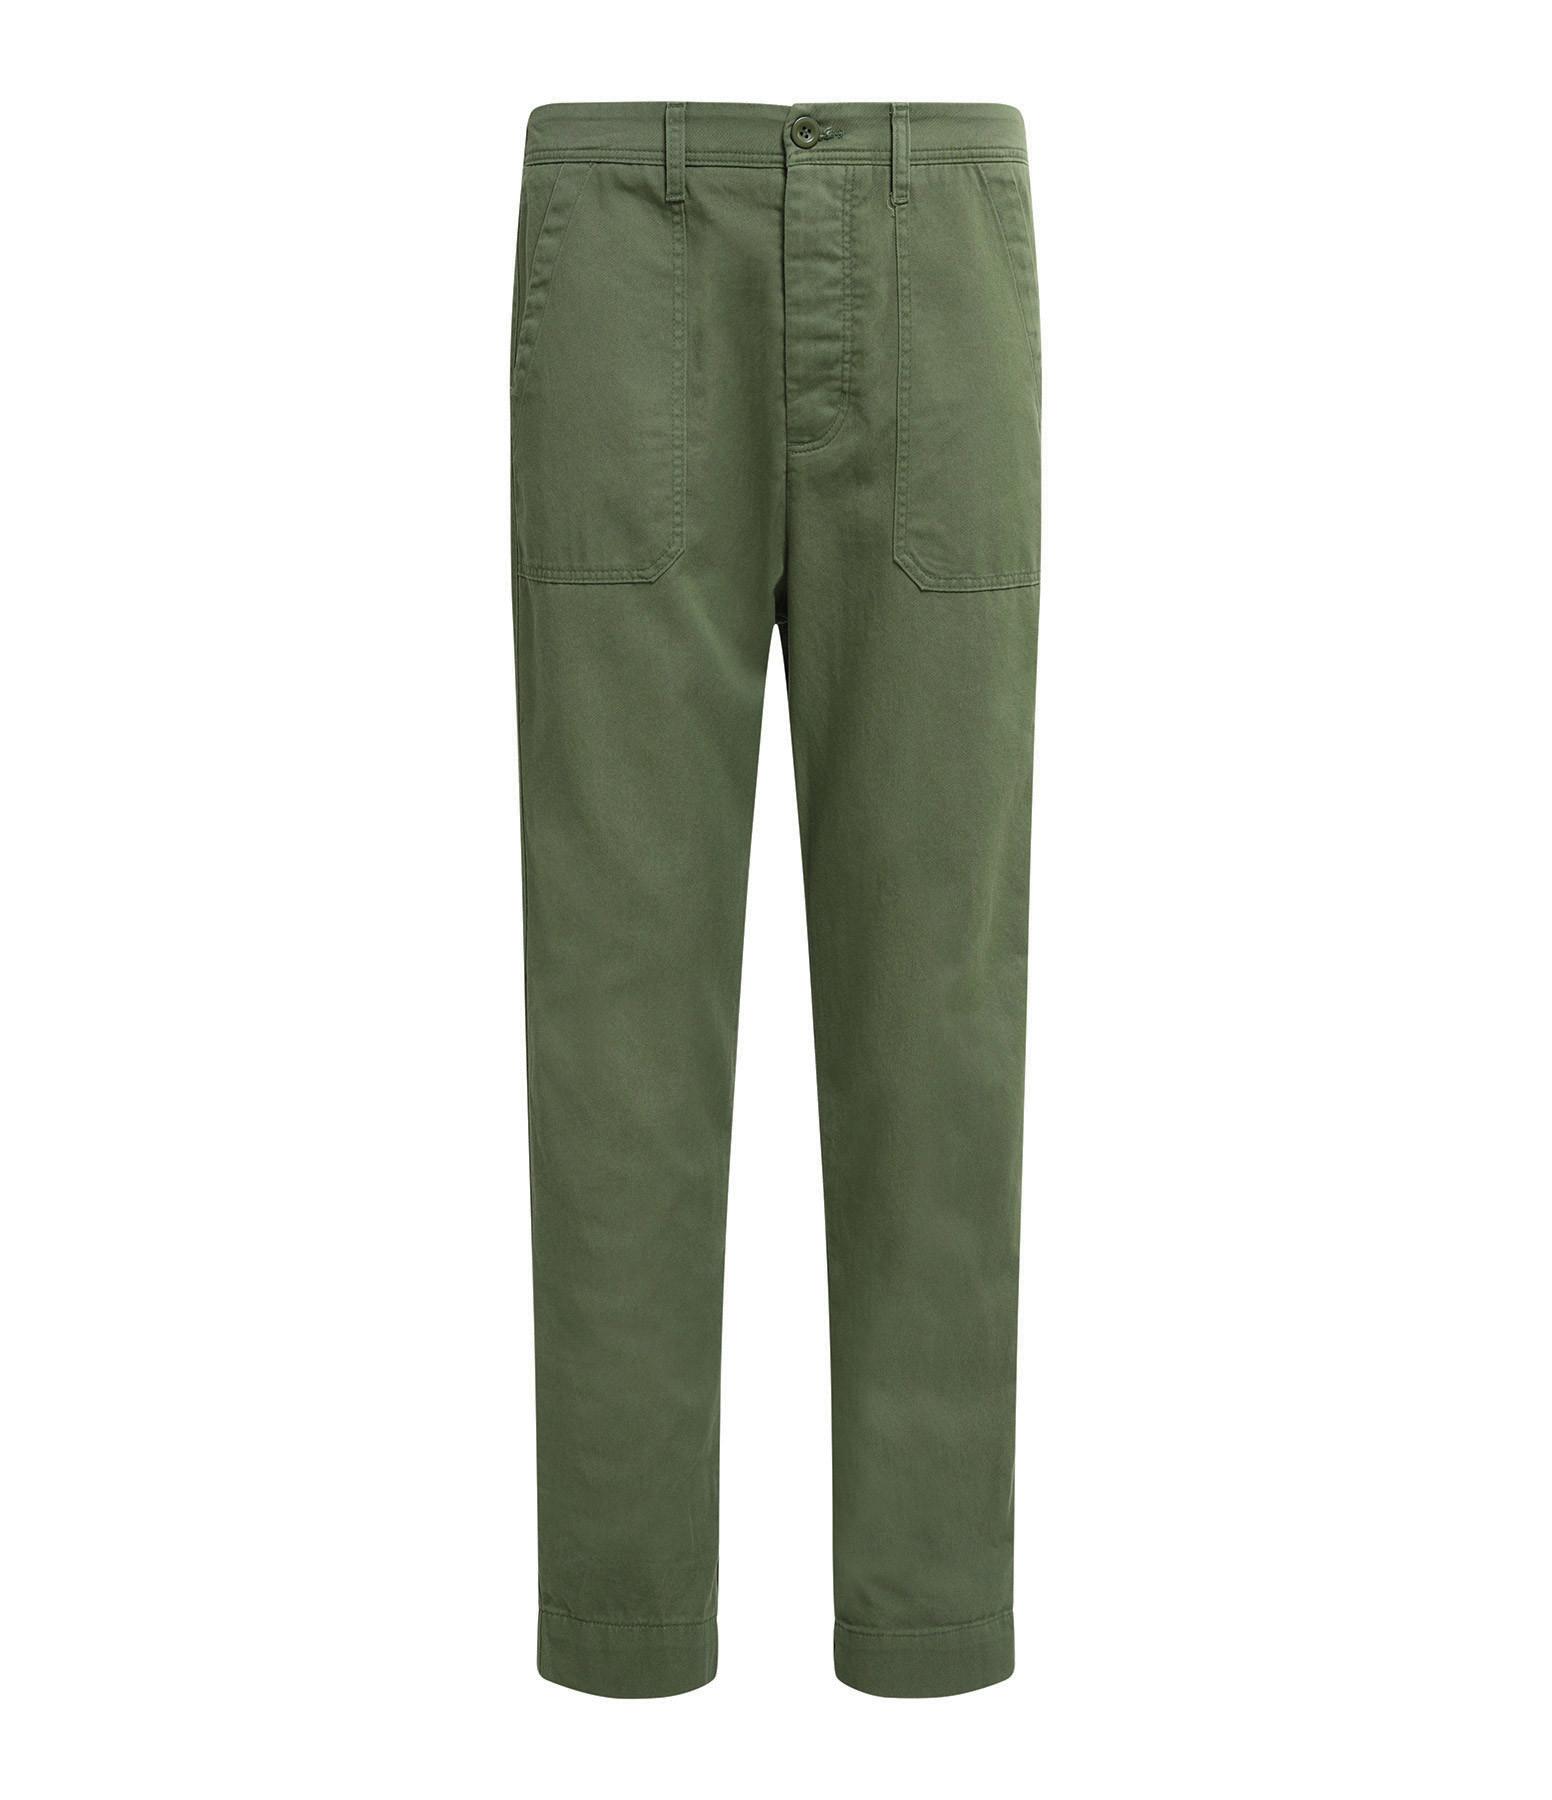 XIRENA - Pantalon Tucket Twill Vert